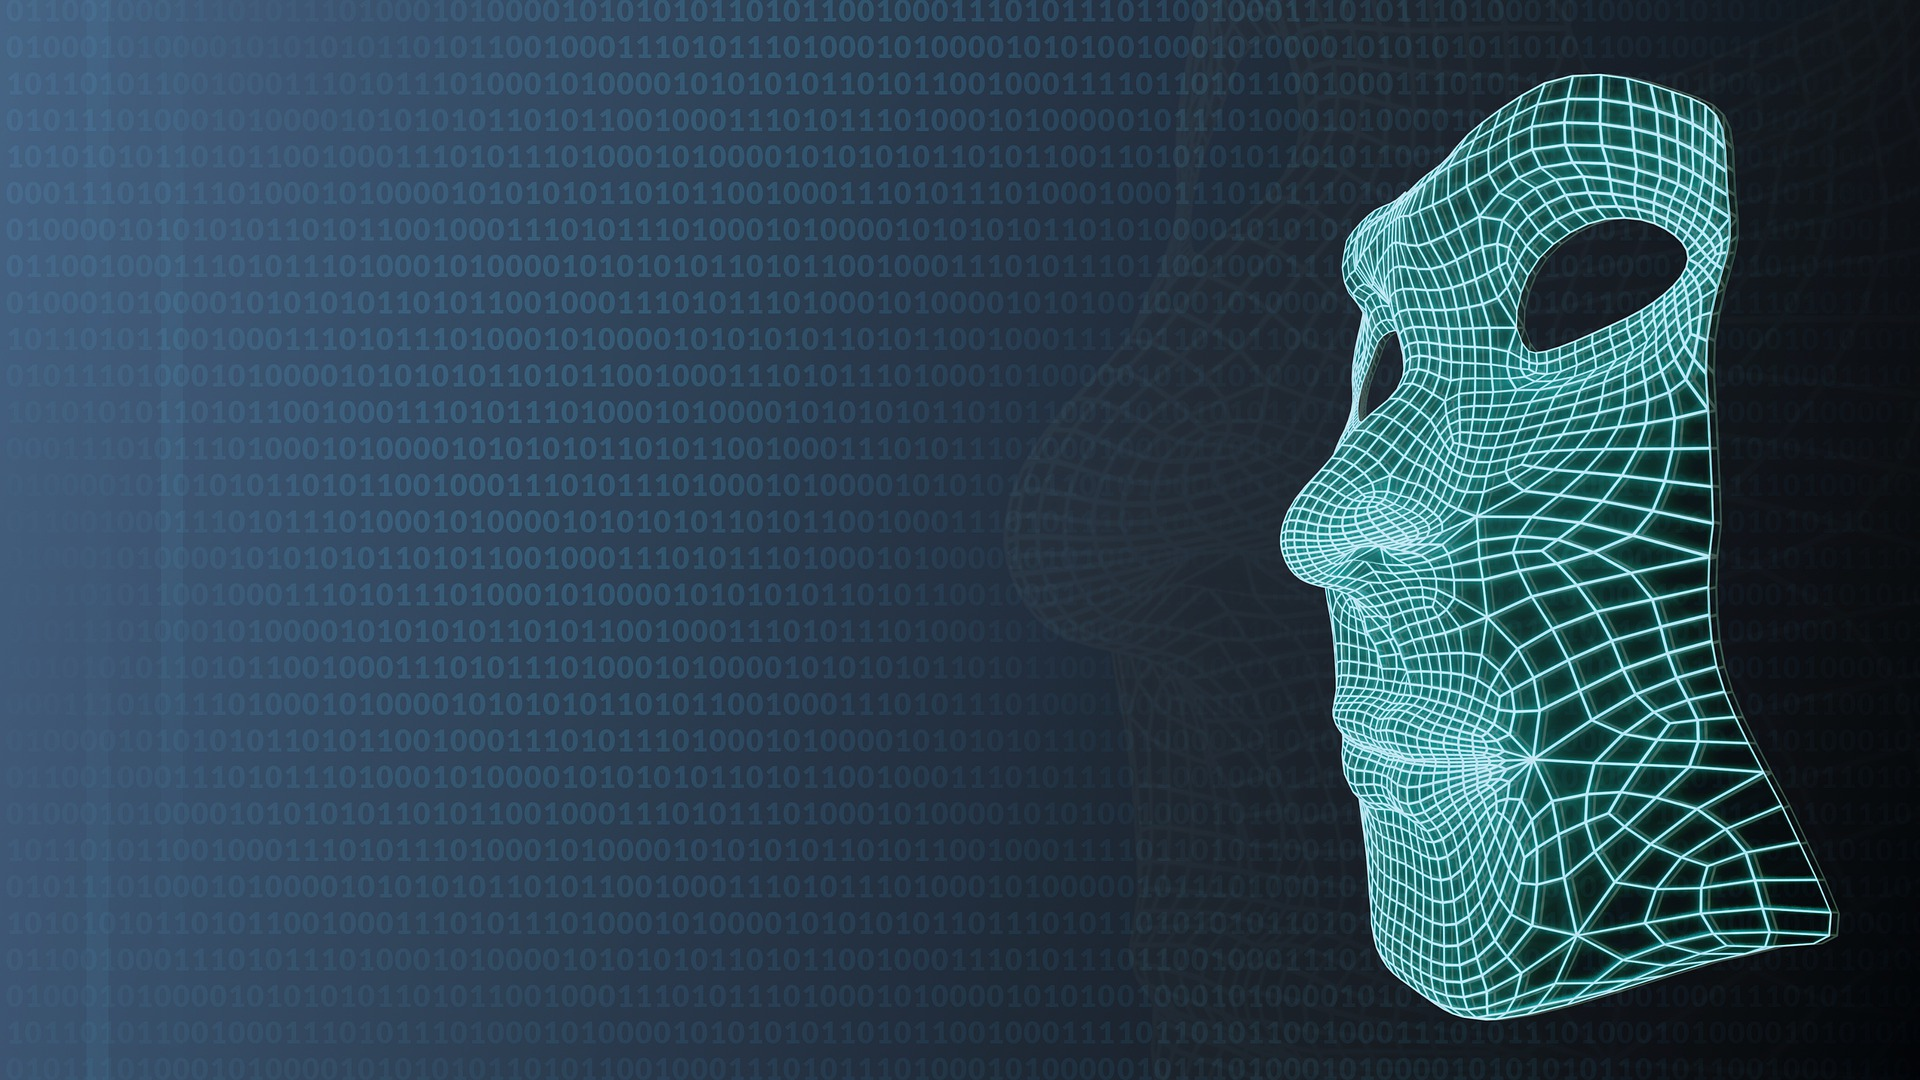 PAR LE CONTRÔLEUR EUROPÉEN DE LA PROTECTION DES DONNÉES: Loi Sur L'intelligence Artificielle: Une Initiative Bien Accueillie, Mais L'interdiction De L'identification Biométrique à Distance Dans L'espace Public Est Nécessaire